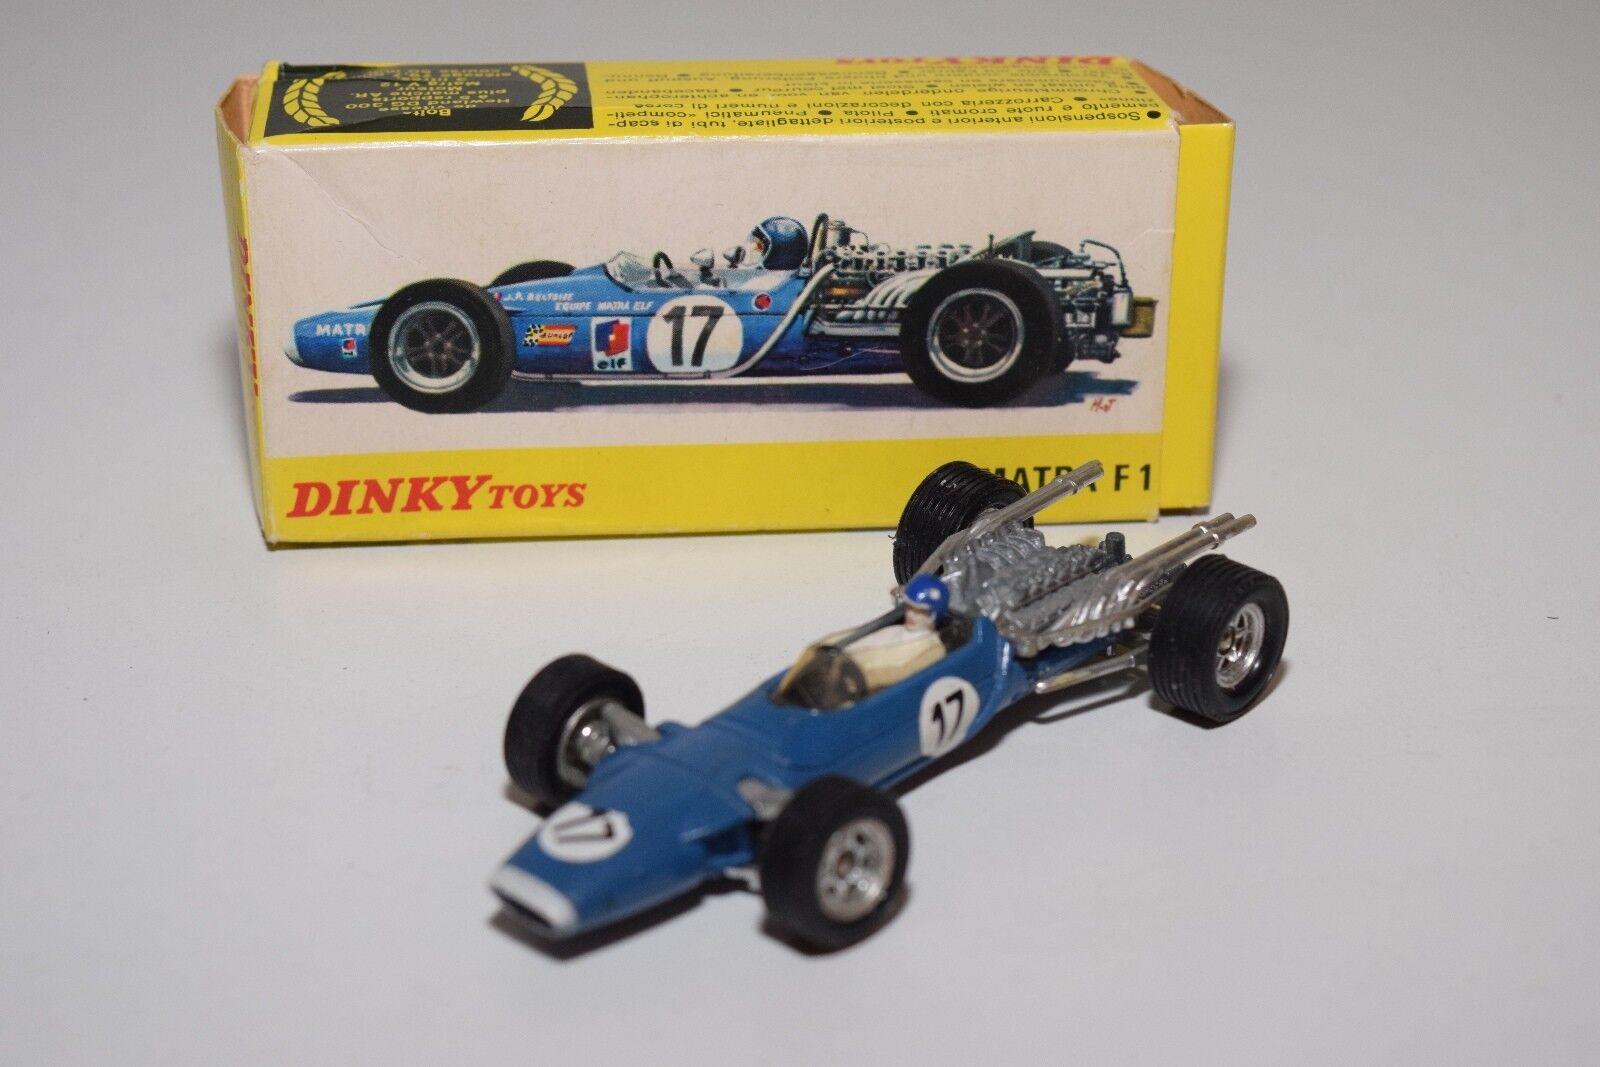 100% garantía genuina de contador .- DINKY TOYS 1417 MATRA F1 FORMULA 1 1 1 RACING Coche azul EXCELLENT BOXED  promociones